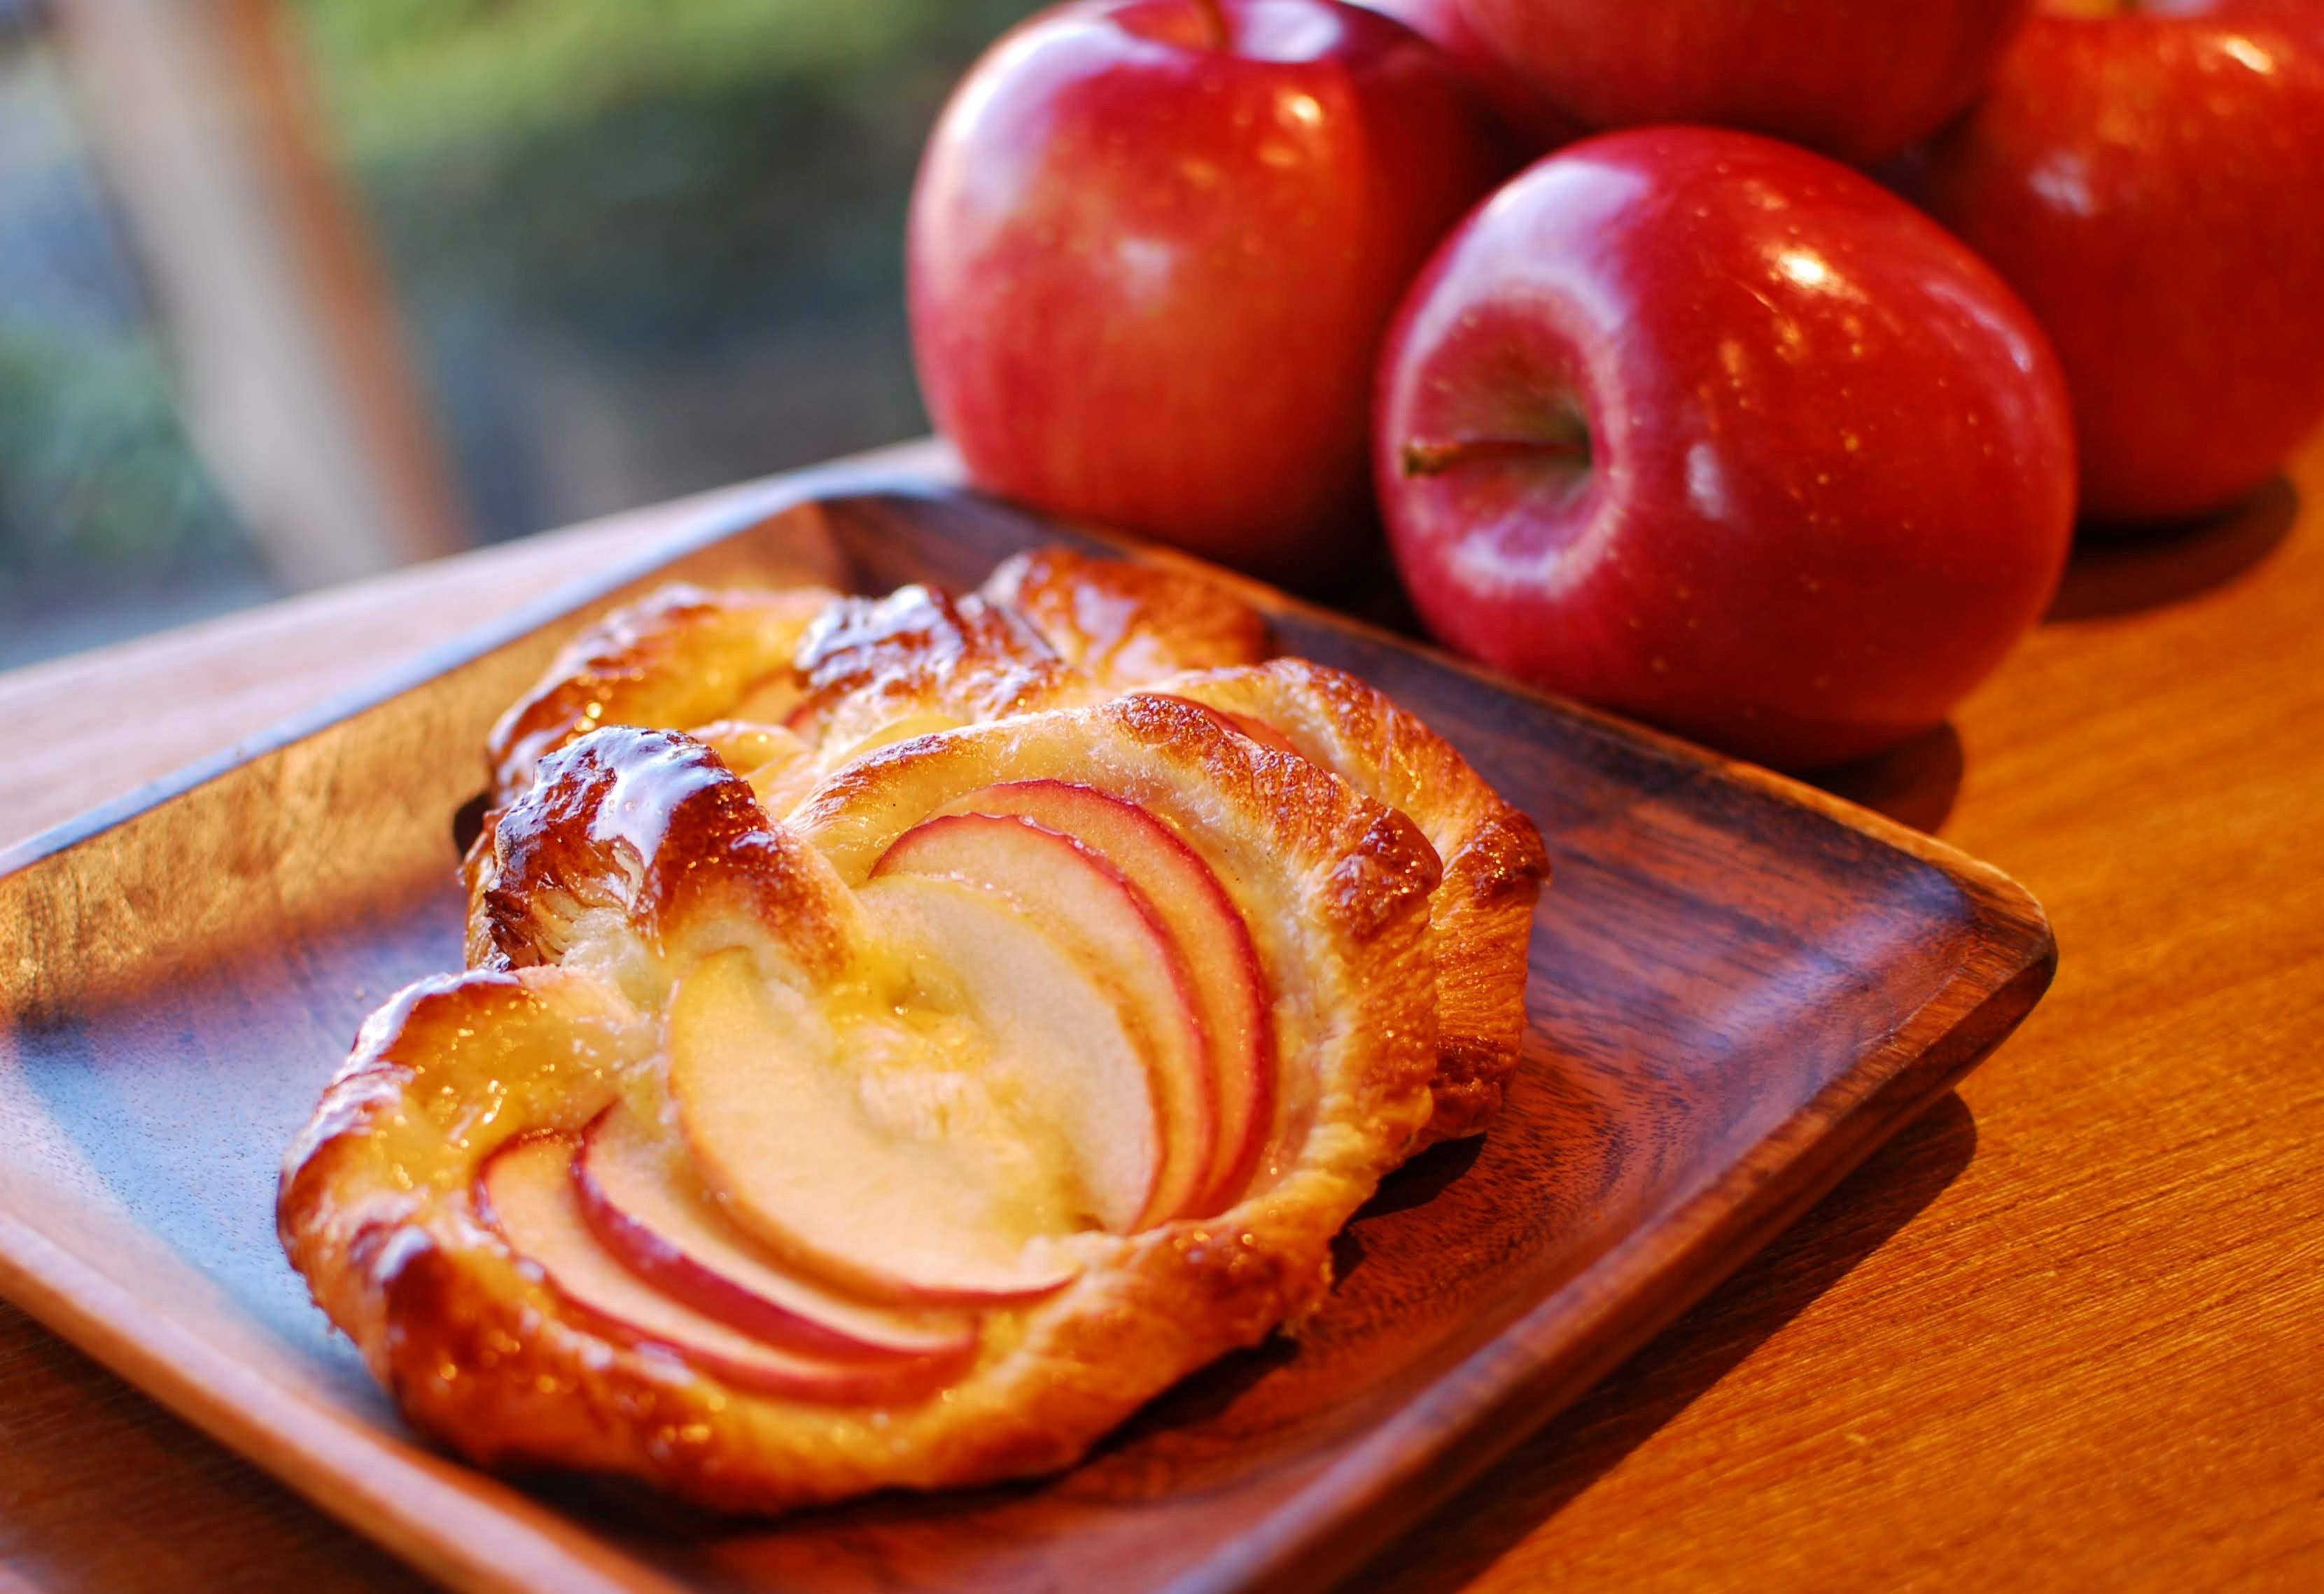 新鮮りんごの美味しさ!りんごのデニッシュ登場です。